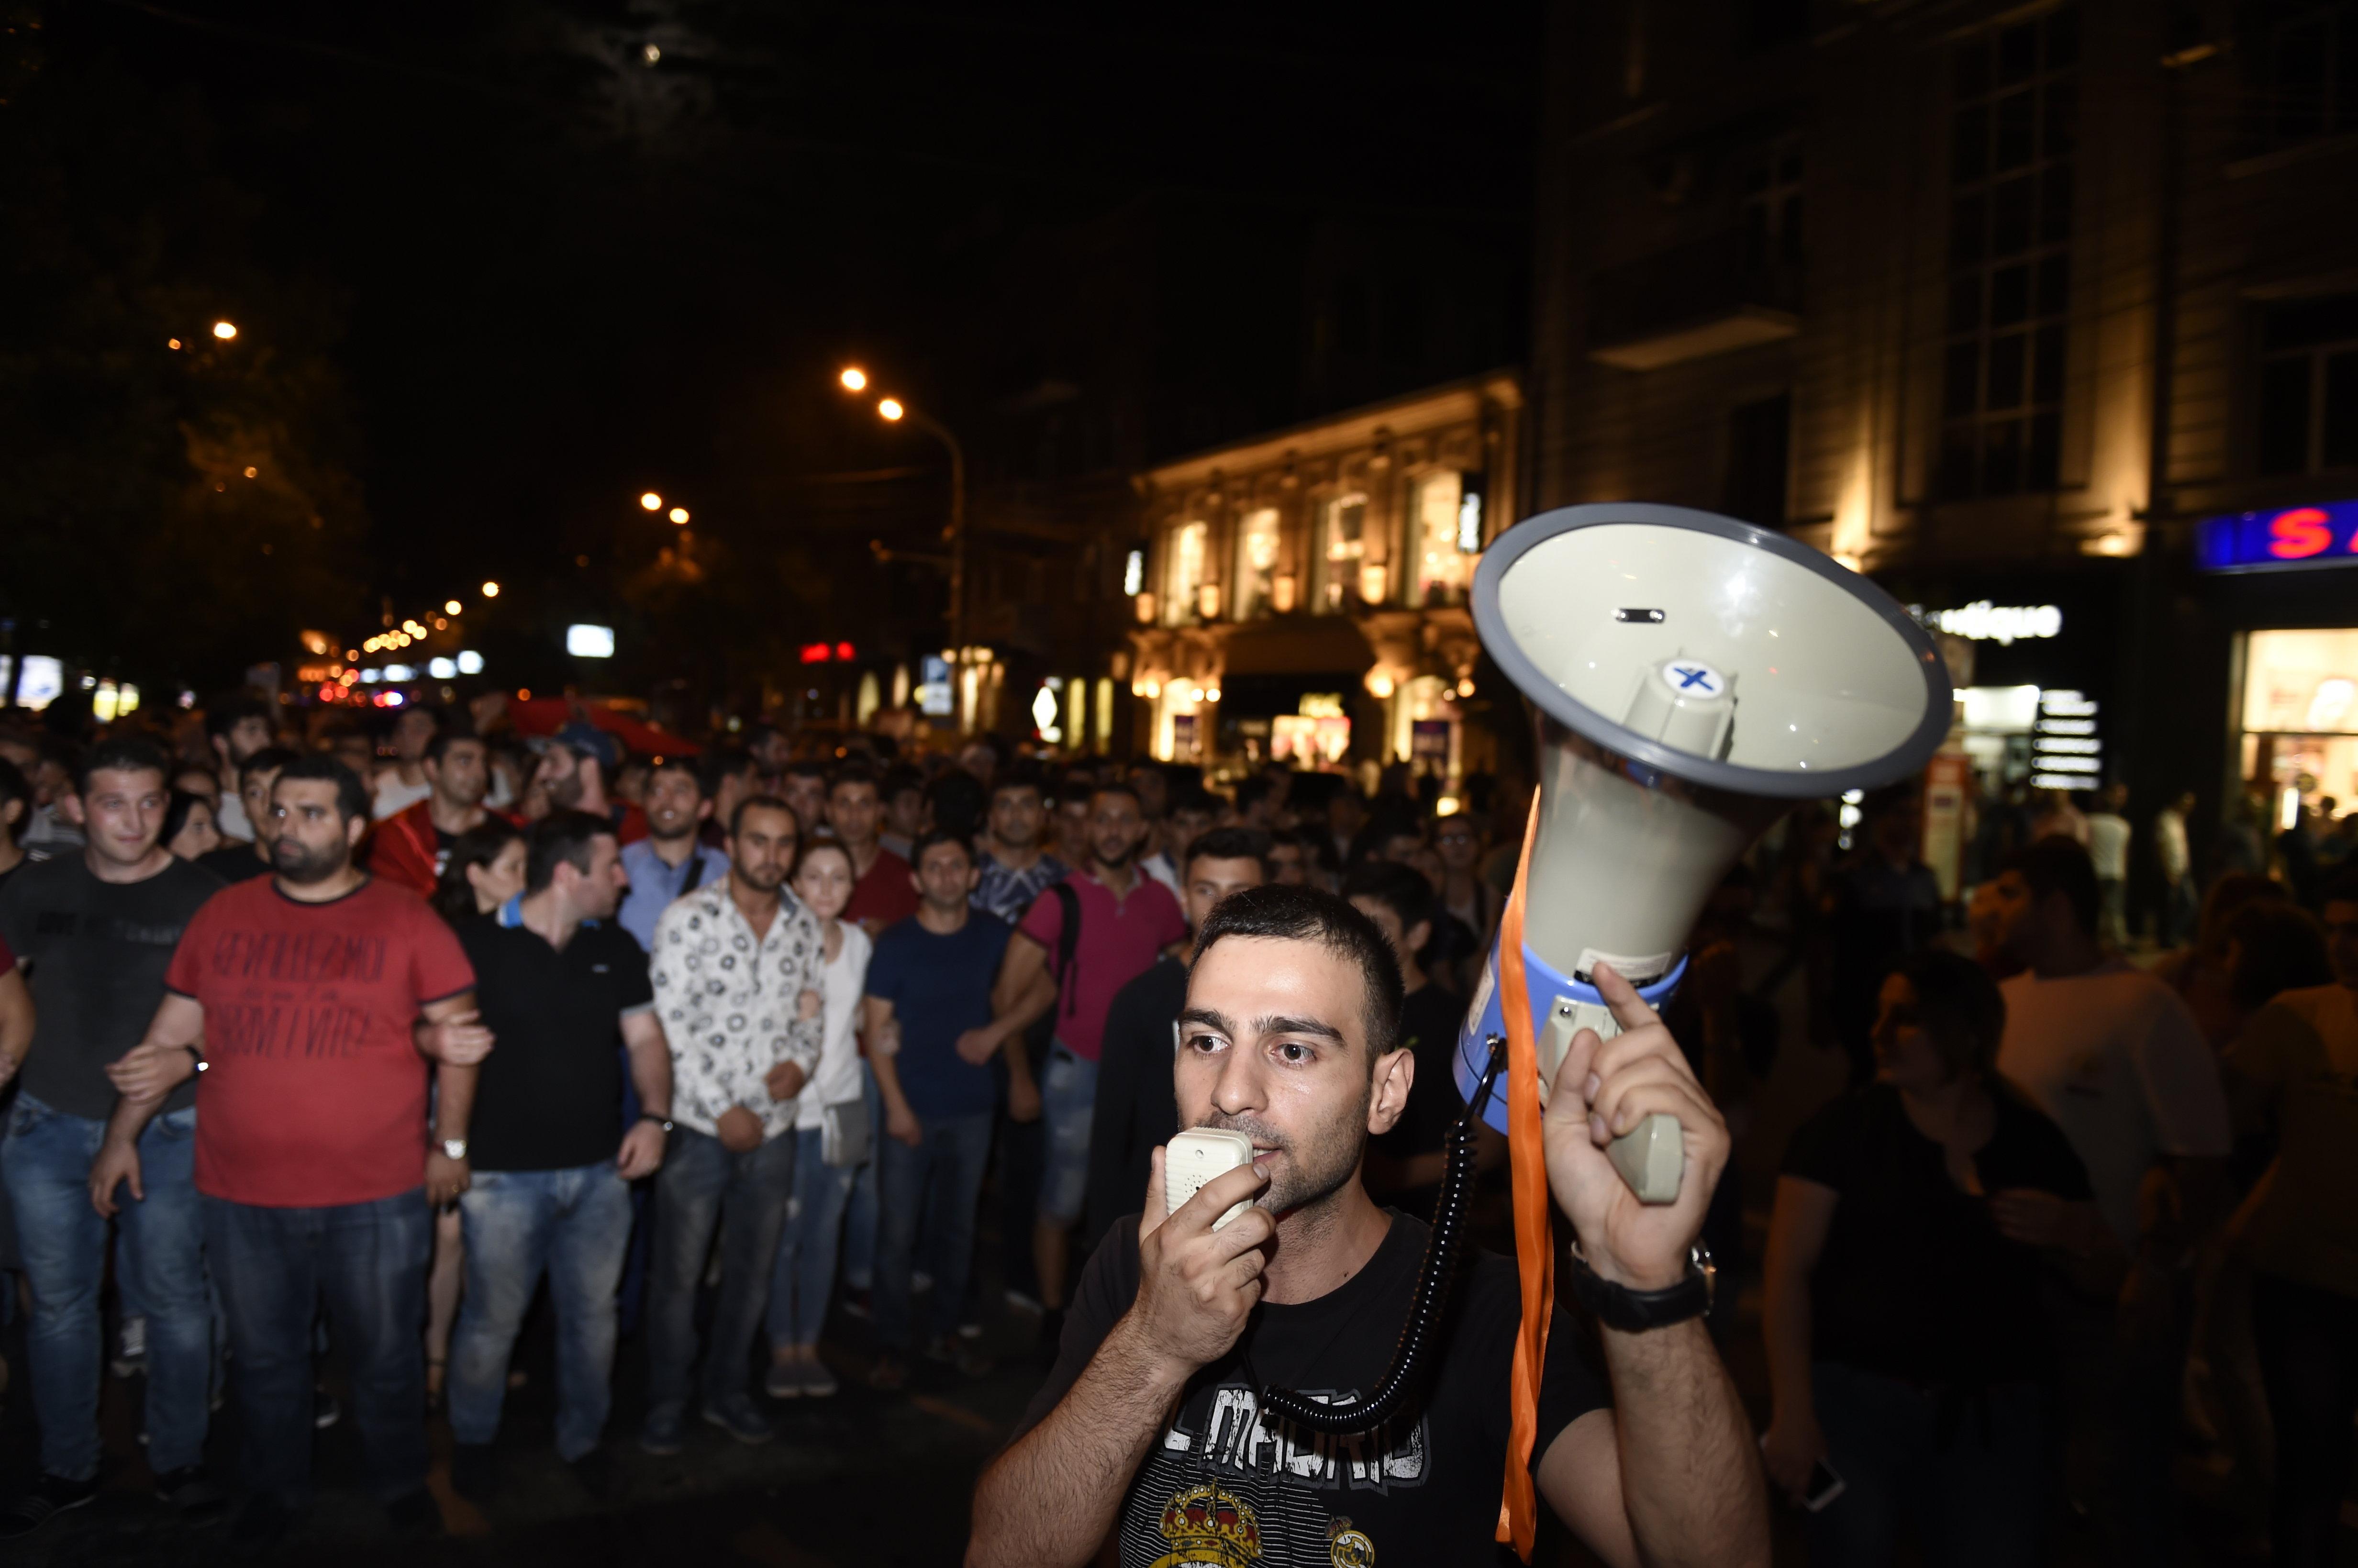 В числе митингующих много представителей молодежи.